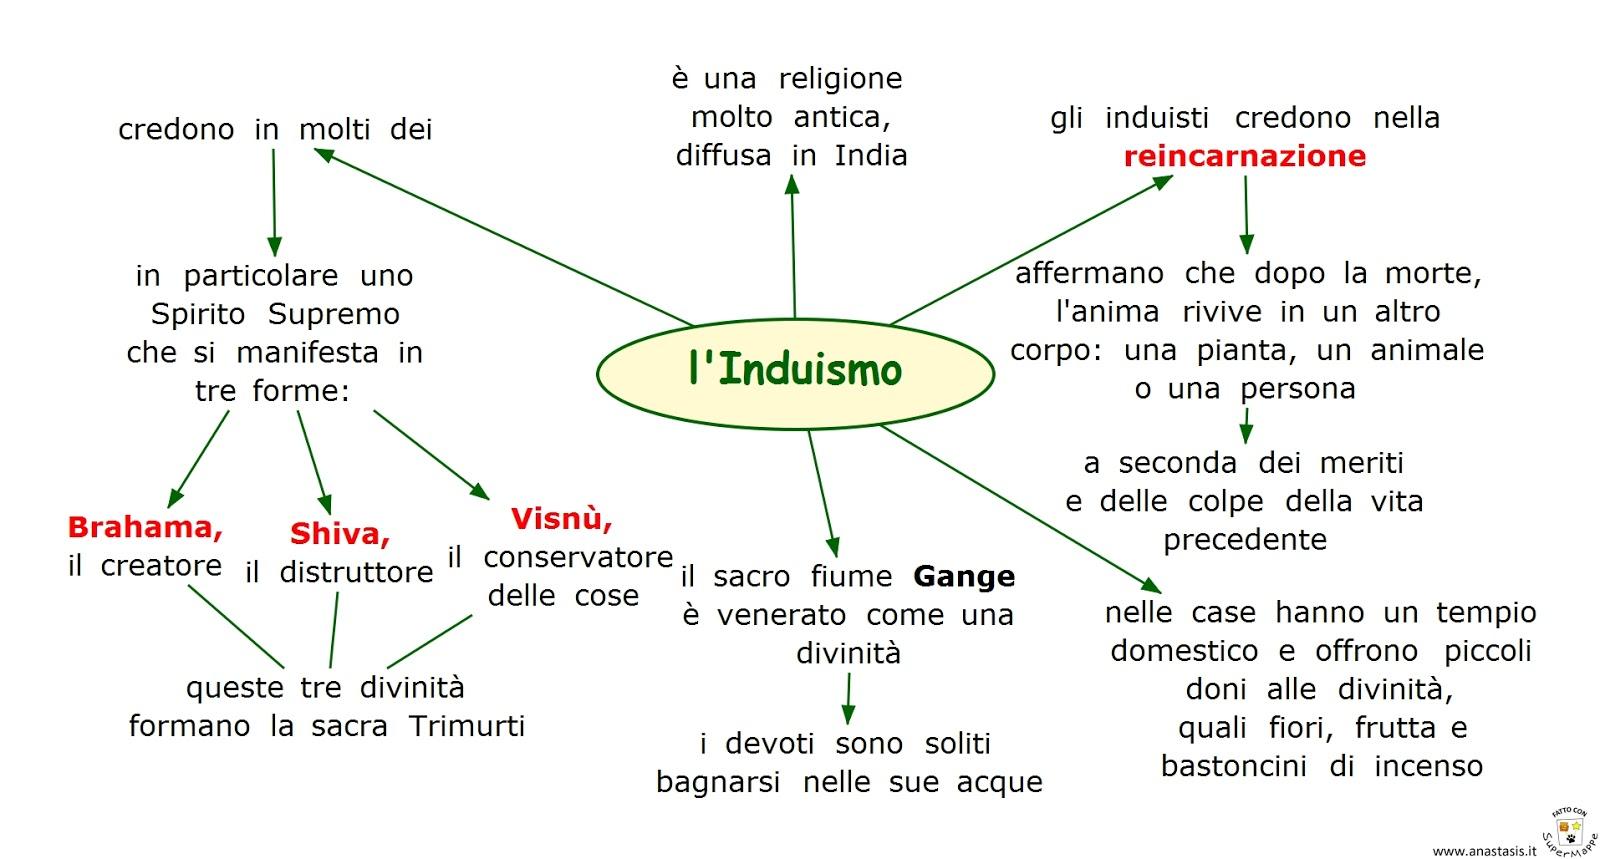 Risultati immagini per induismo